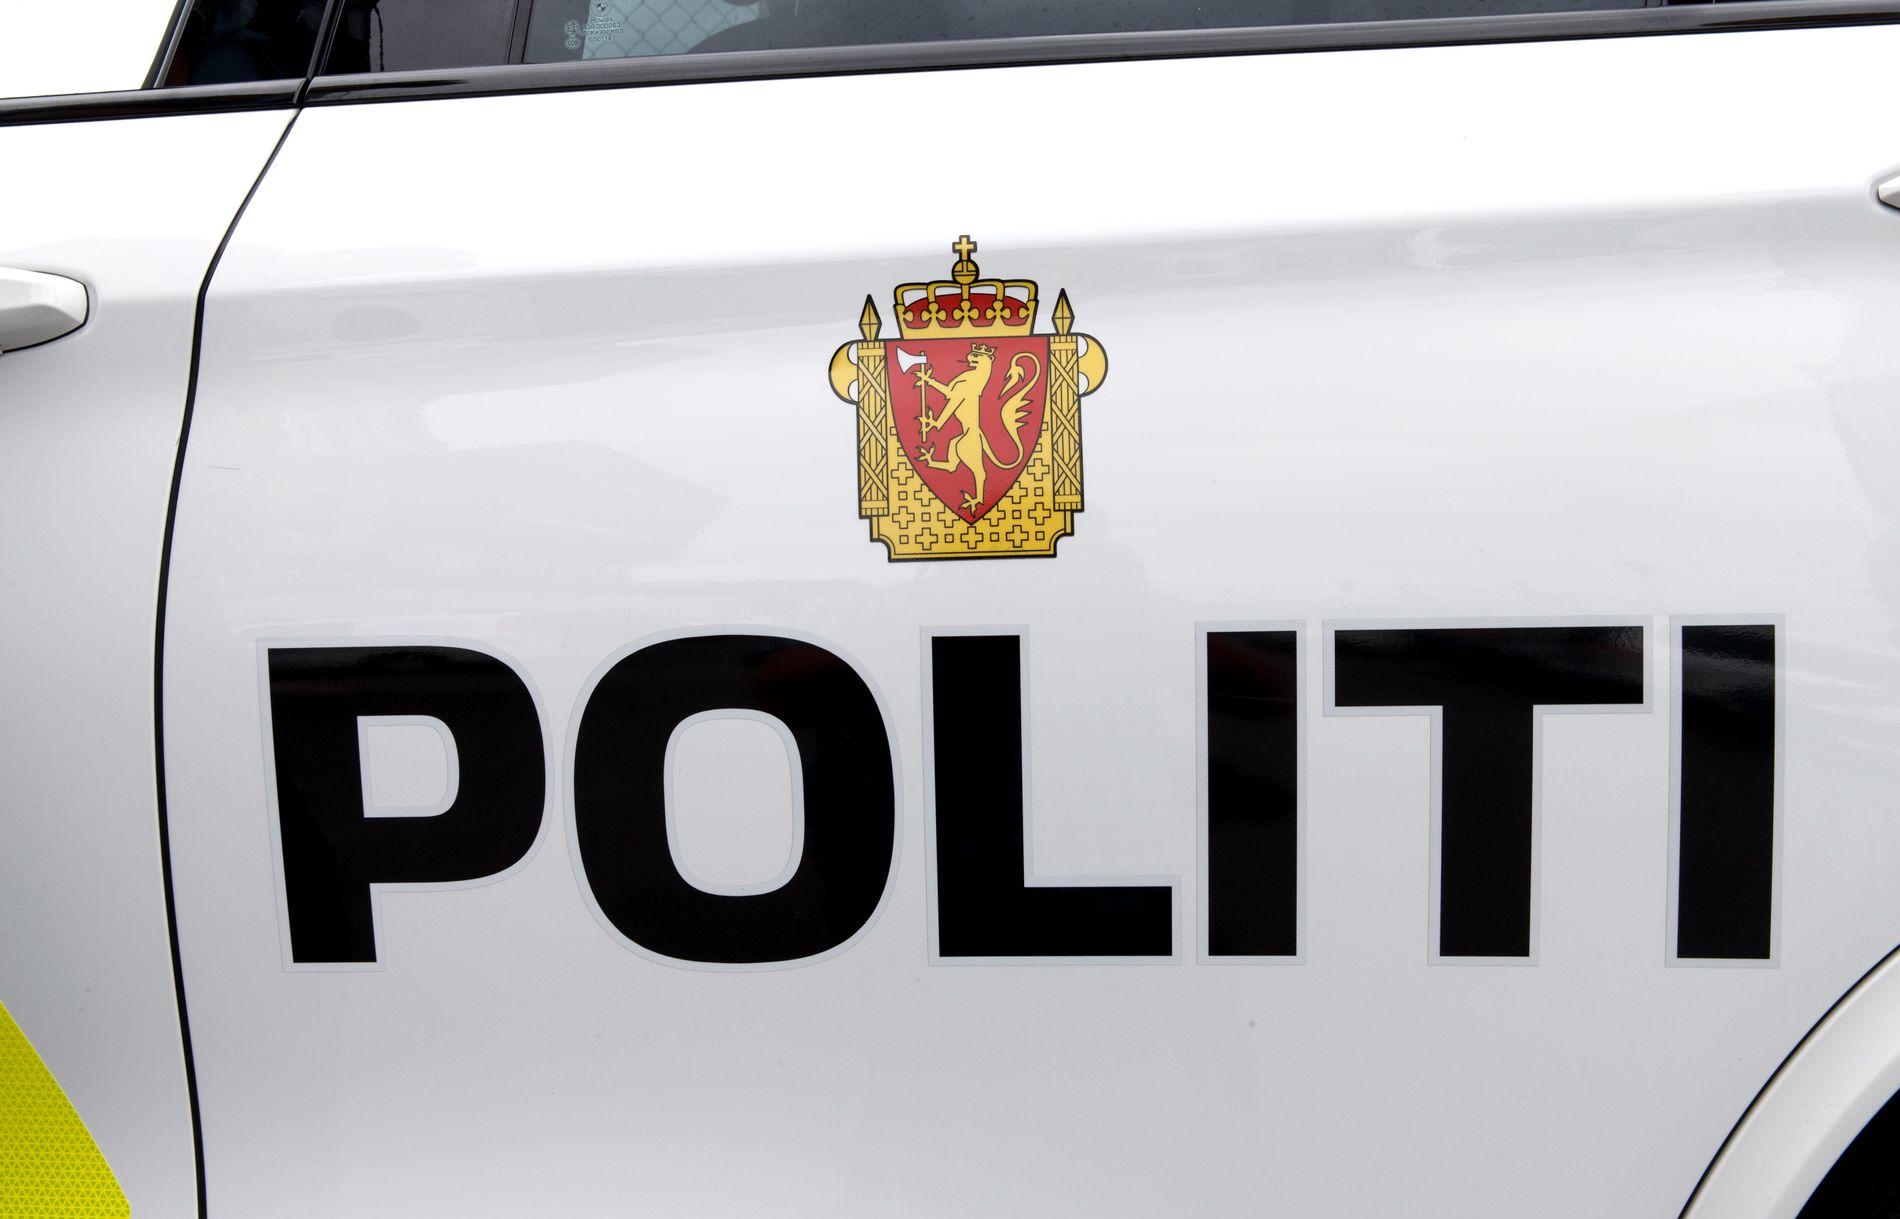 BA OM FØRERKORTET: Sjåføren ba til slutt politimannen forlate bilen, men da skal han ha tatt fram sitt tjenestebevis og bedt om sjåførens førerkort.